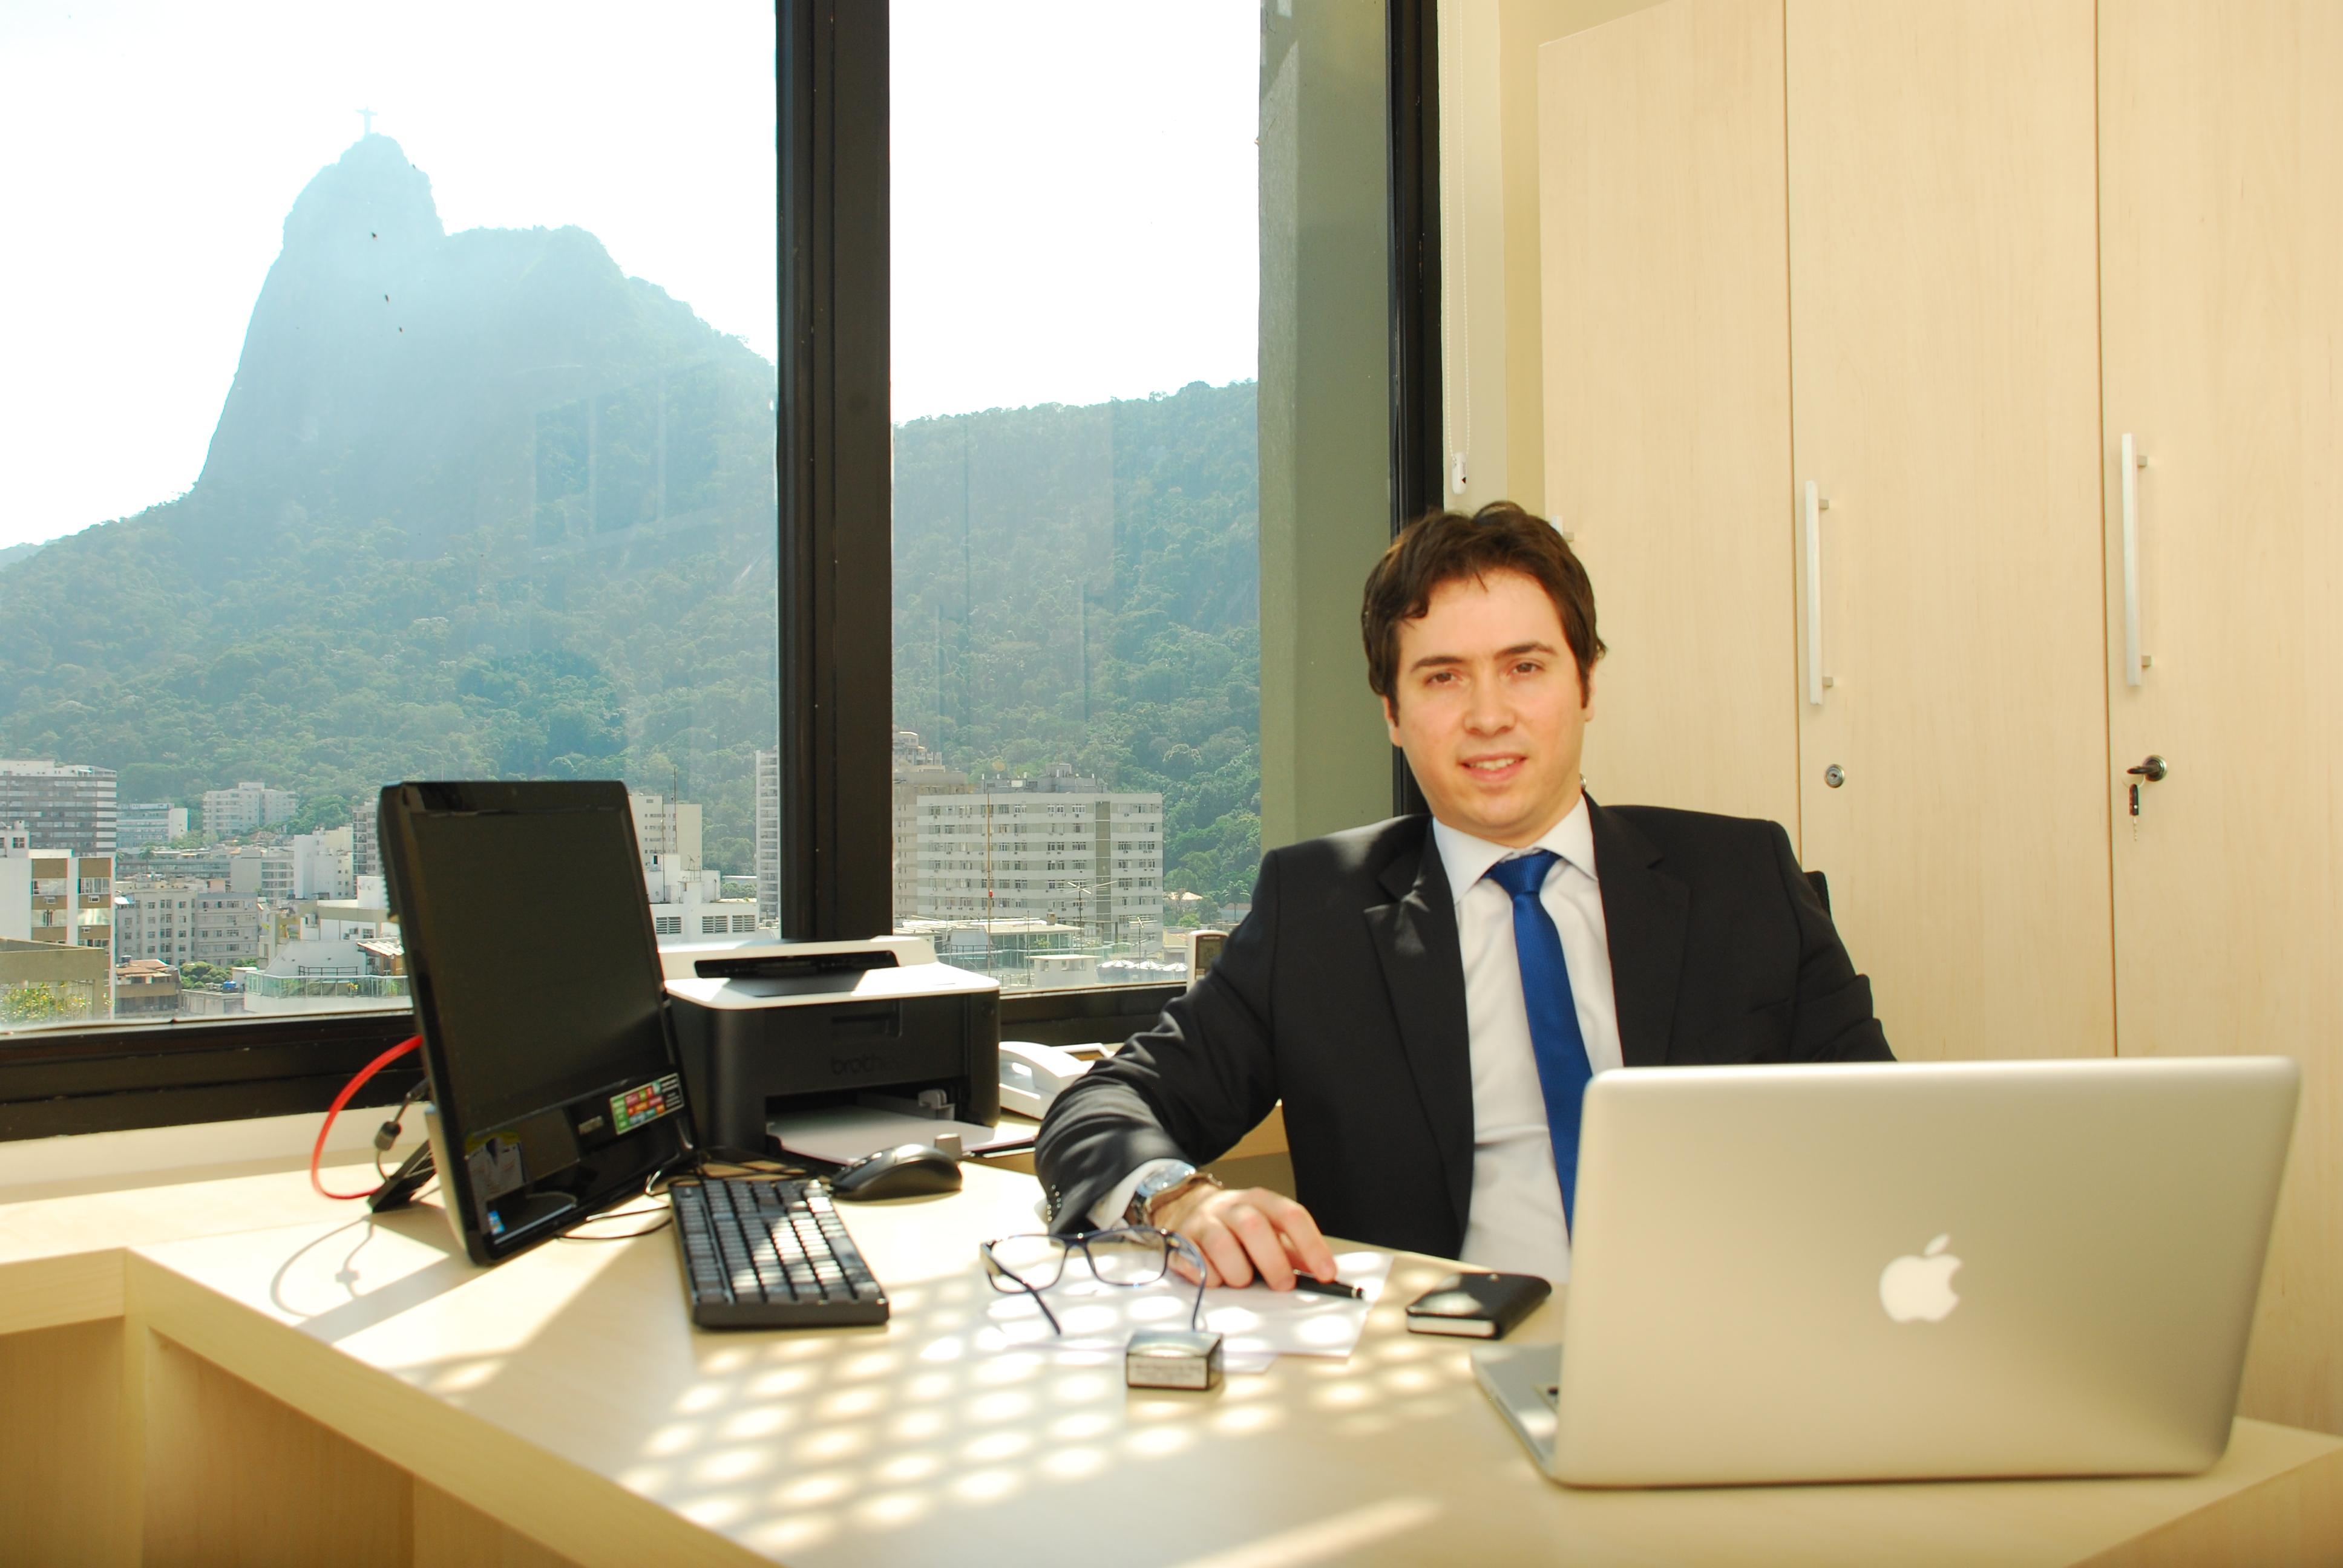 Dr. Marcelo Bragança dos Reis